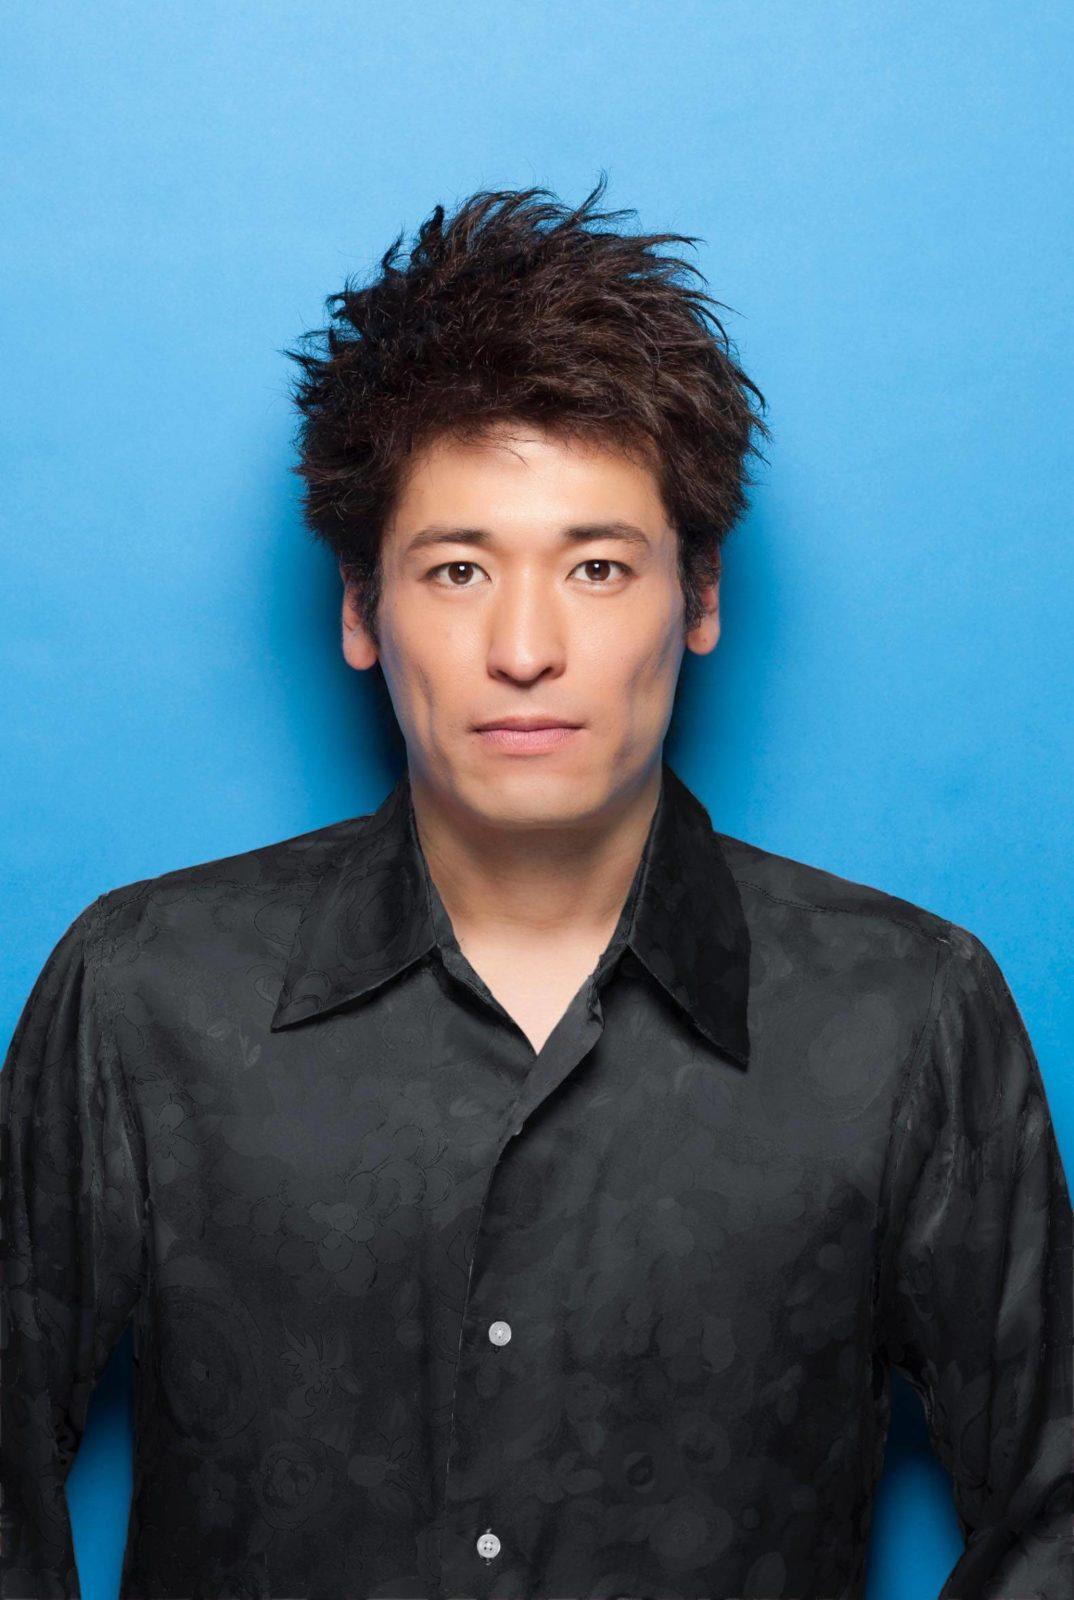 佐藤隆太のスニーカーマニアっぷりに反響「ガチだ」「熱すぎ」サムネイル画像